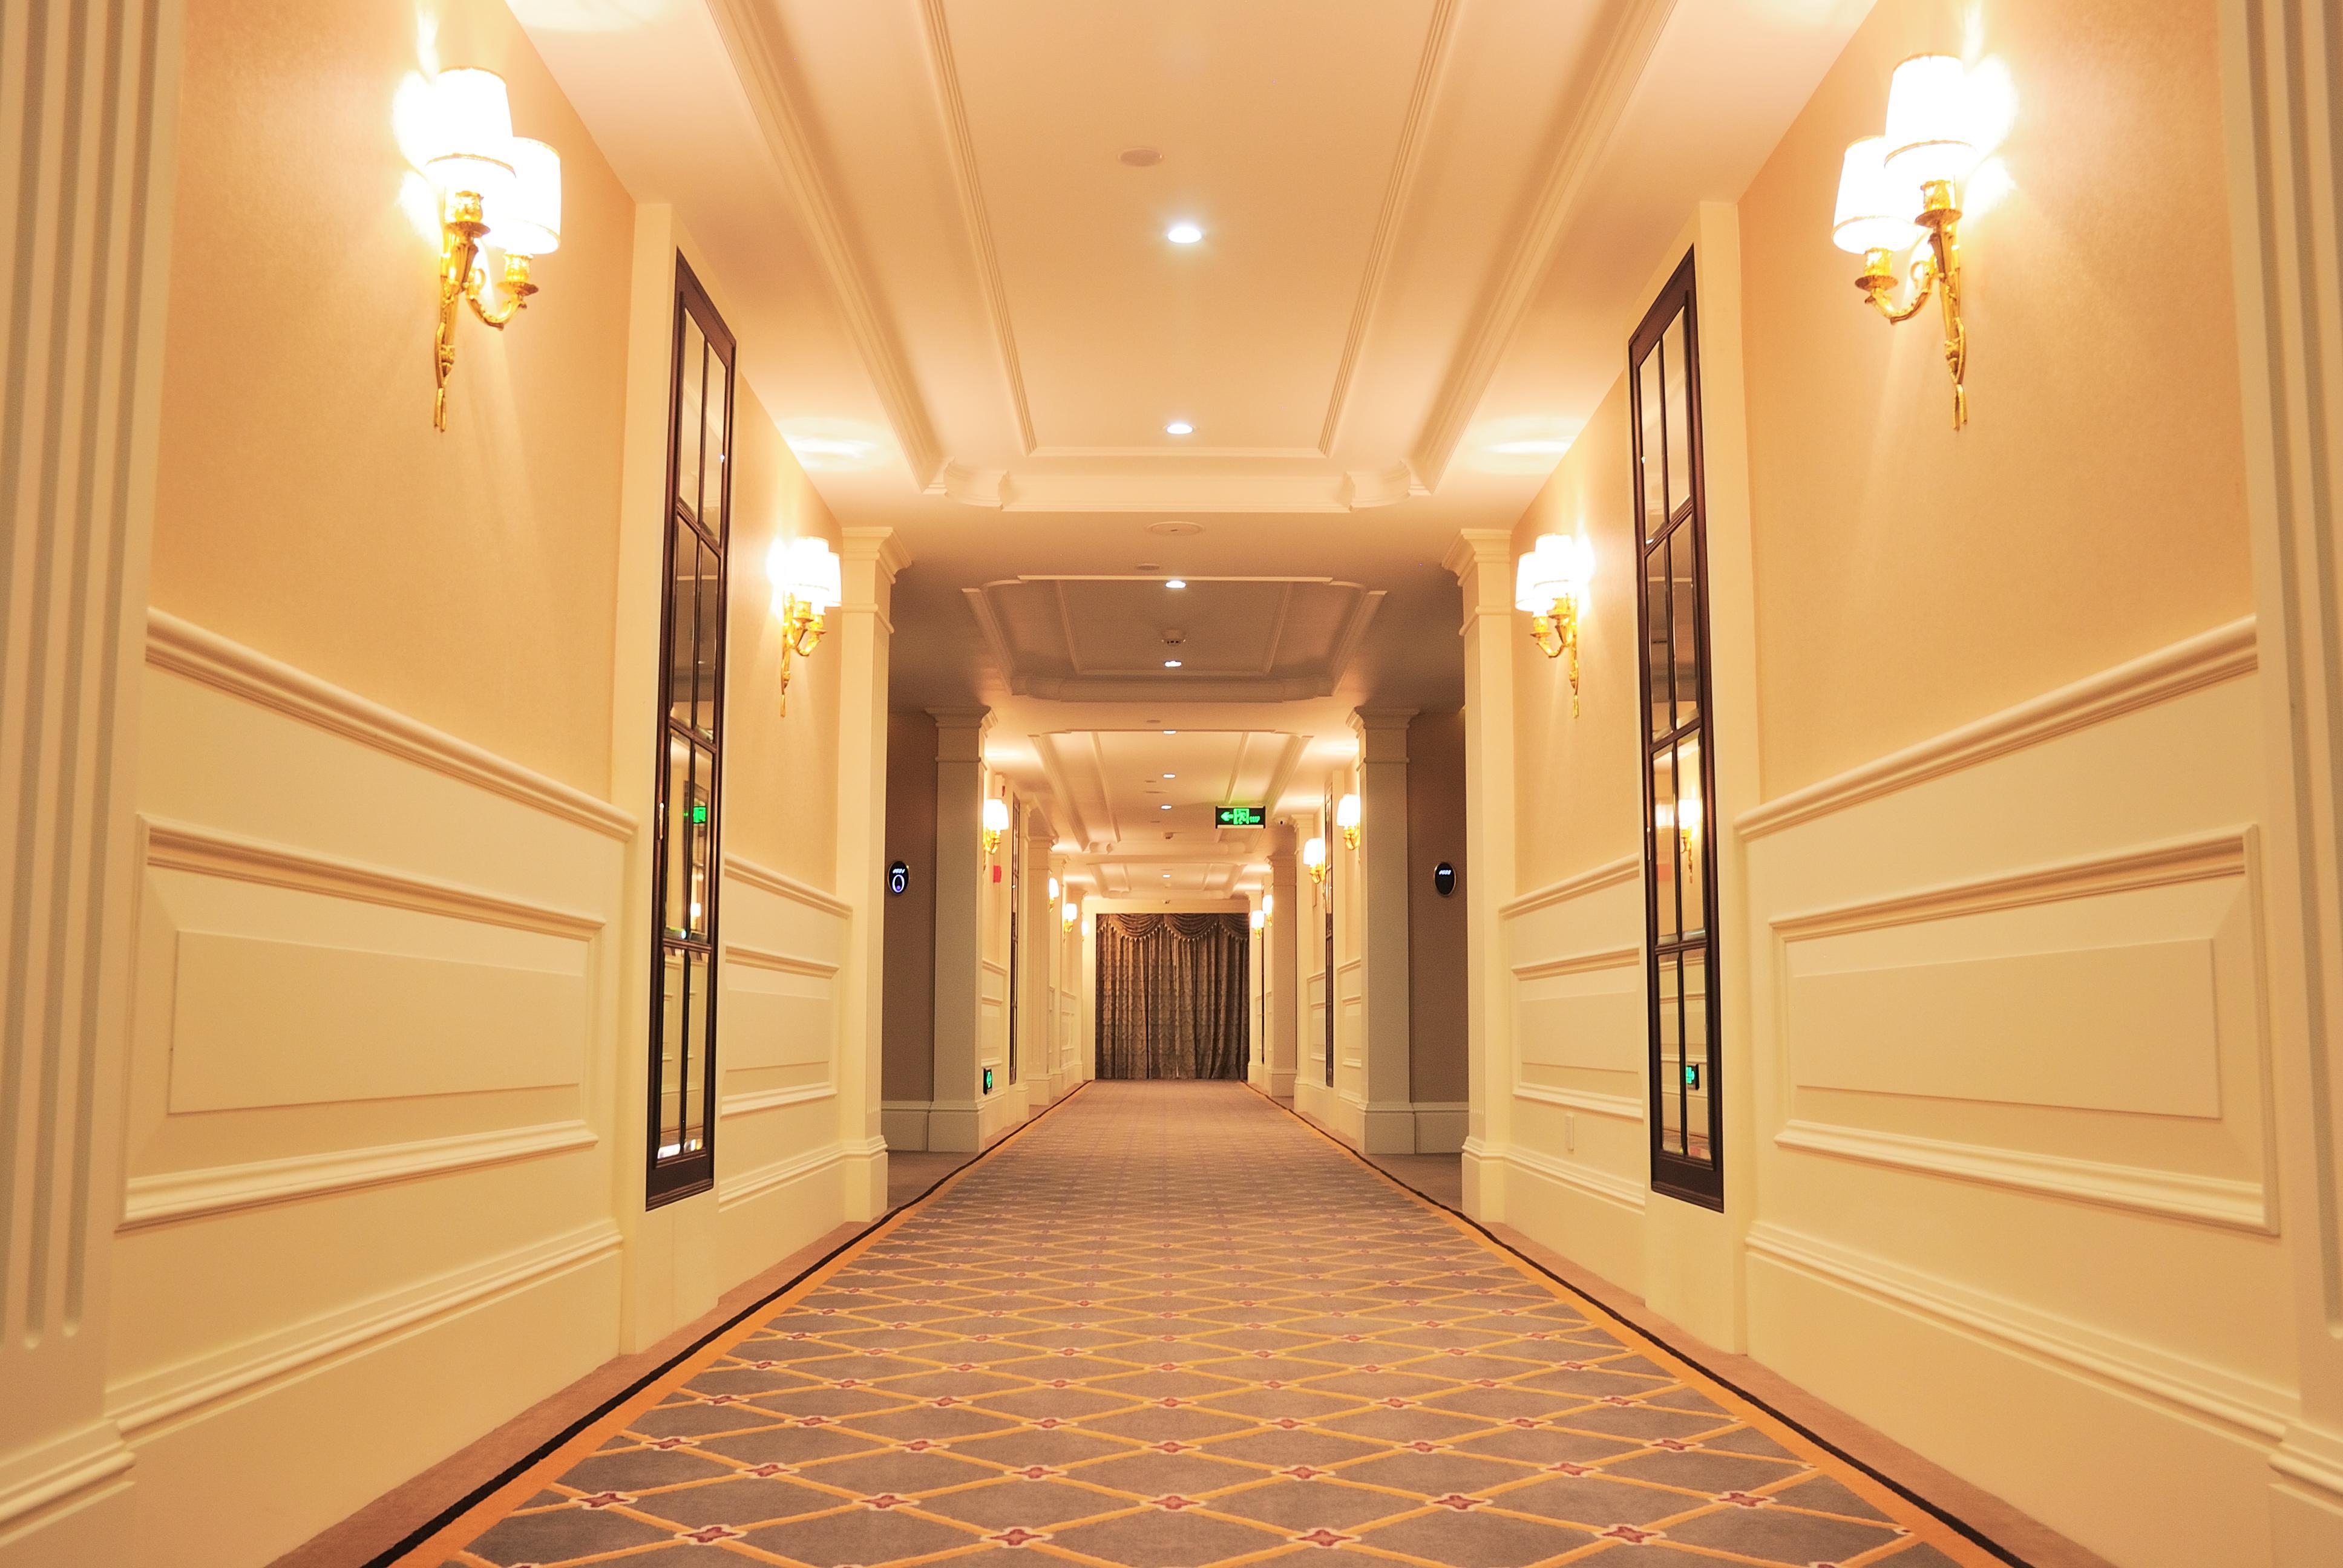 客房走廊酒店过道效果图高清图片